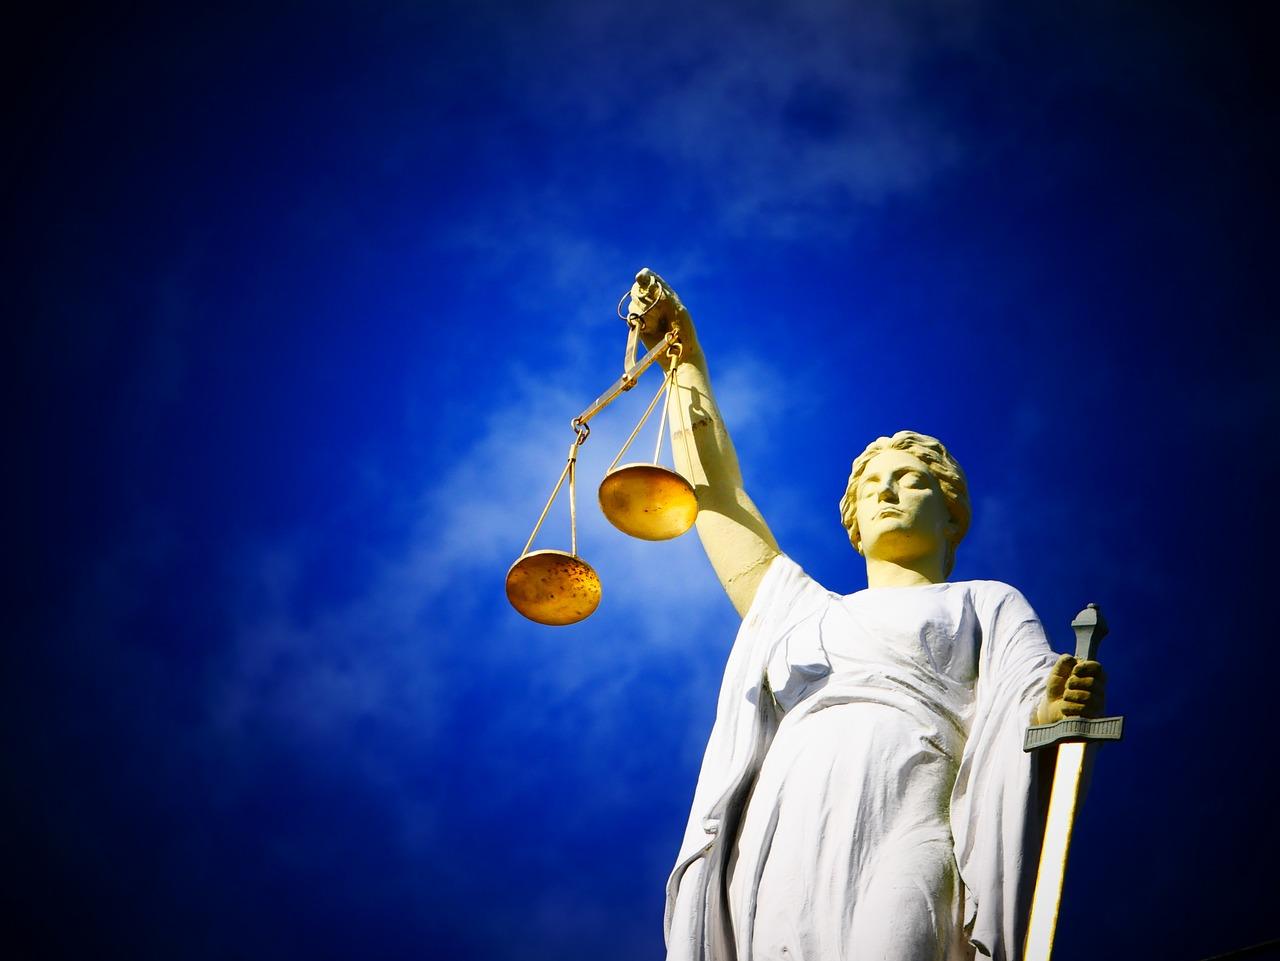 Un employeur peut-il exiger de voir votre casier judiciaire ?